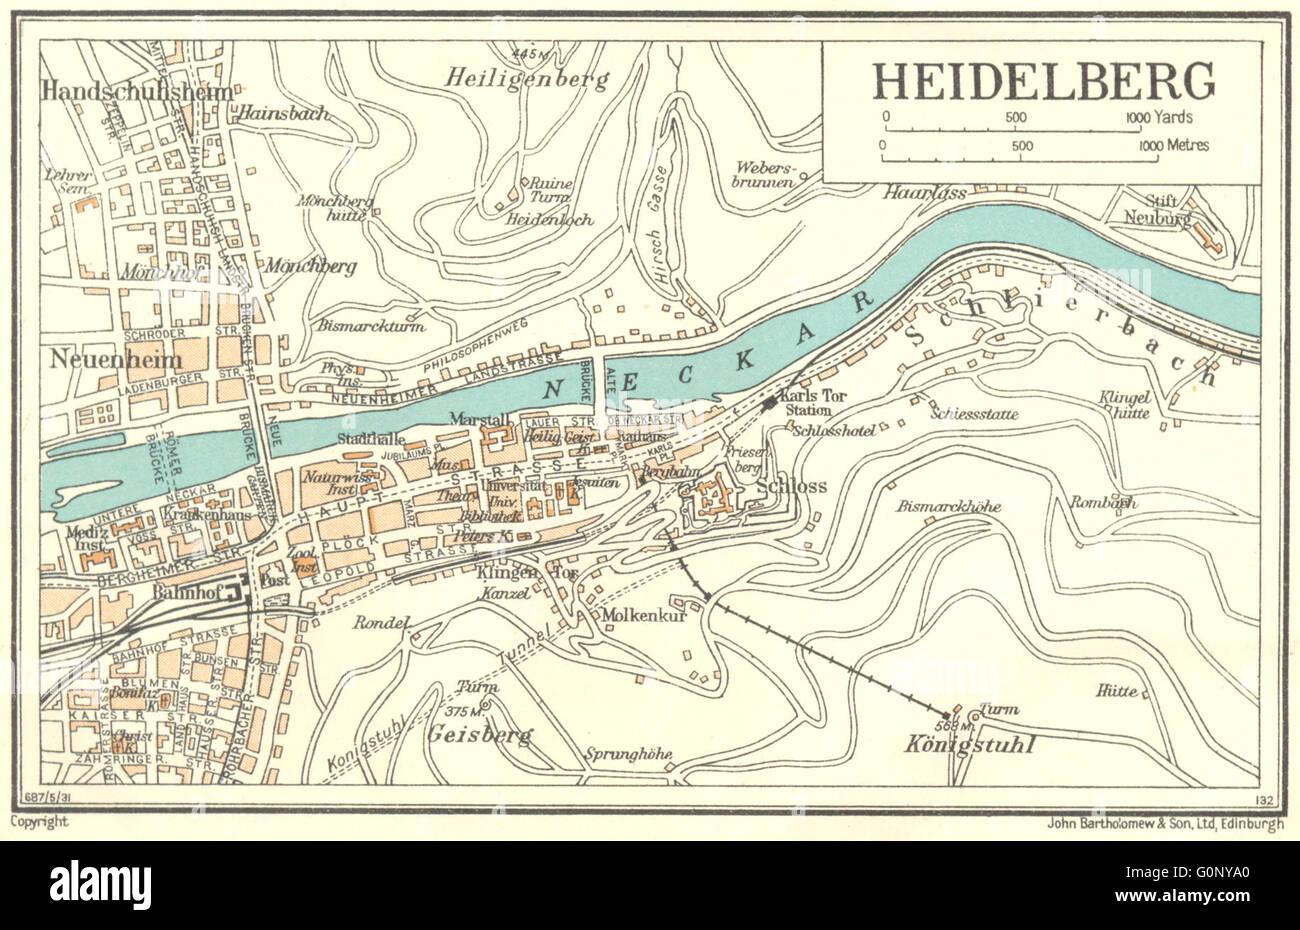 germany heidelberg 1931 vintage map